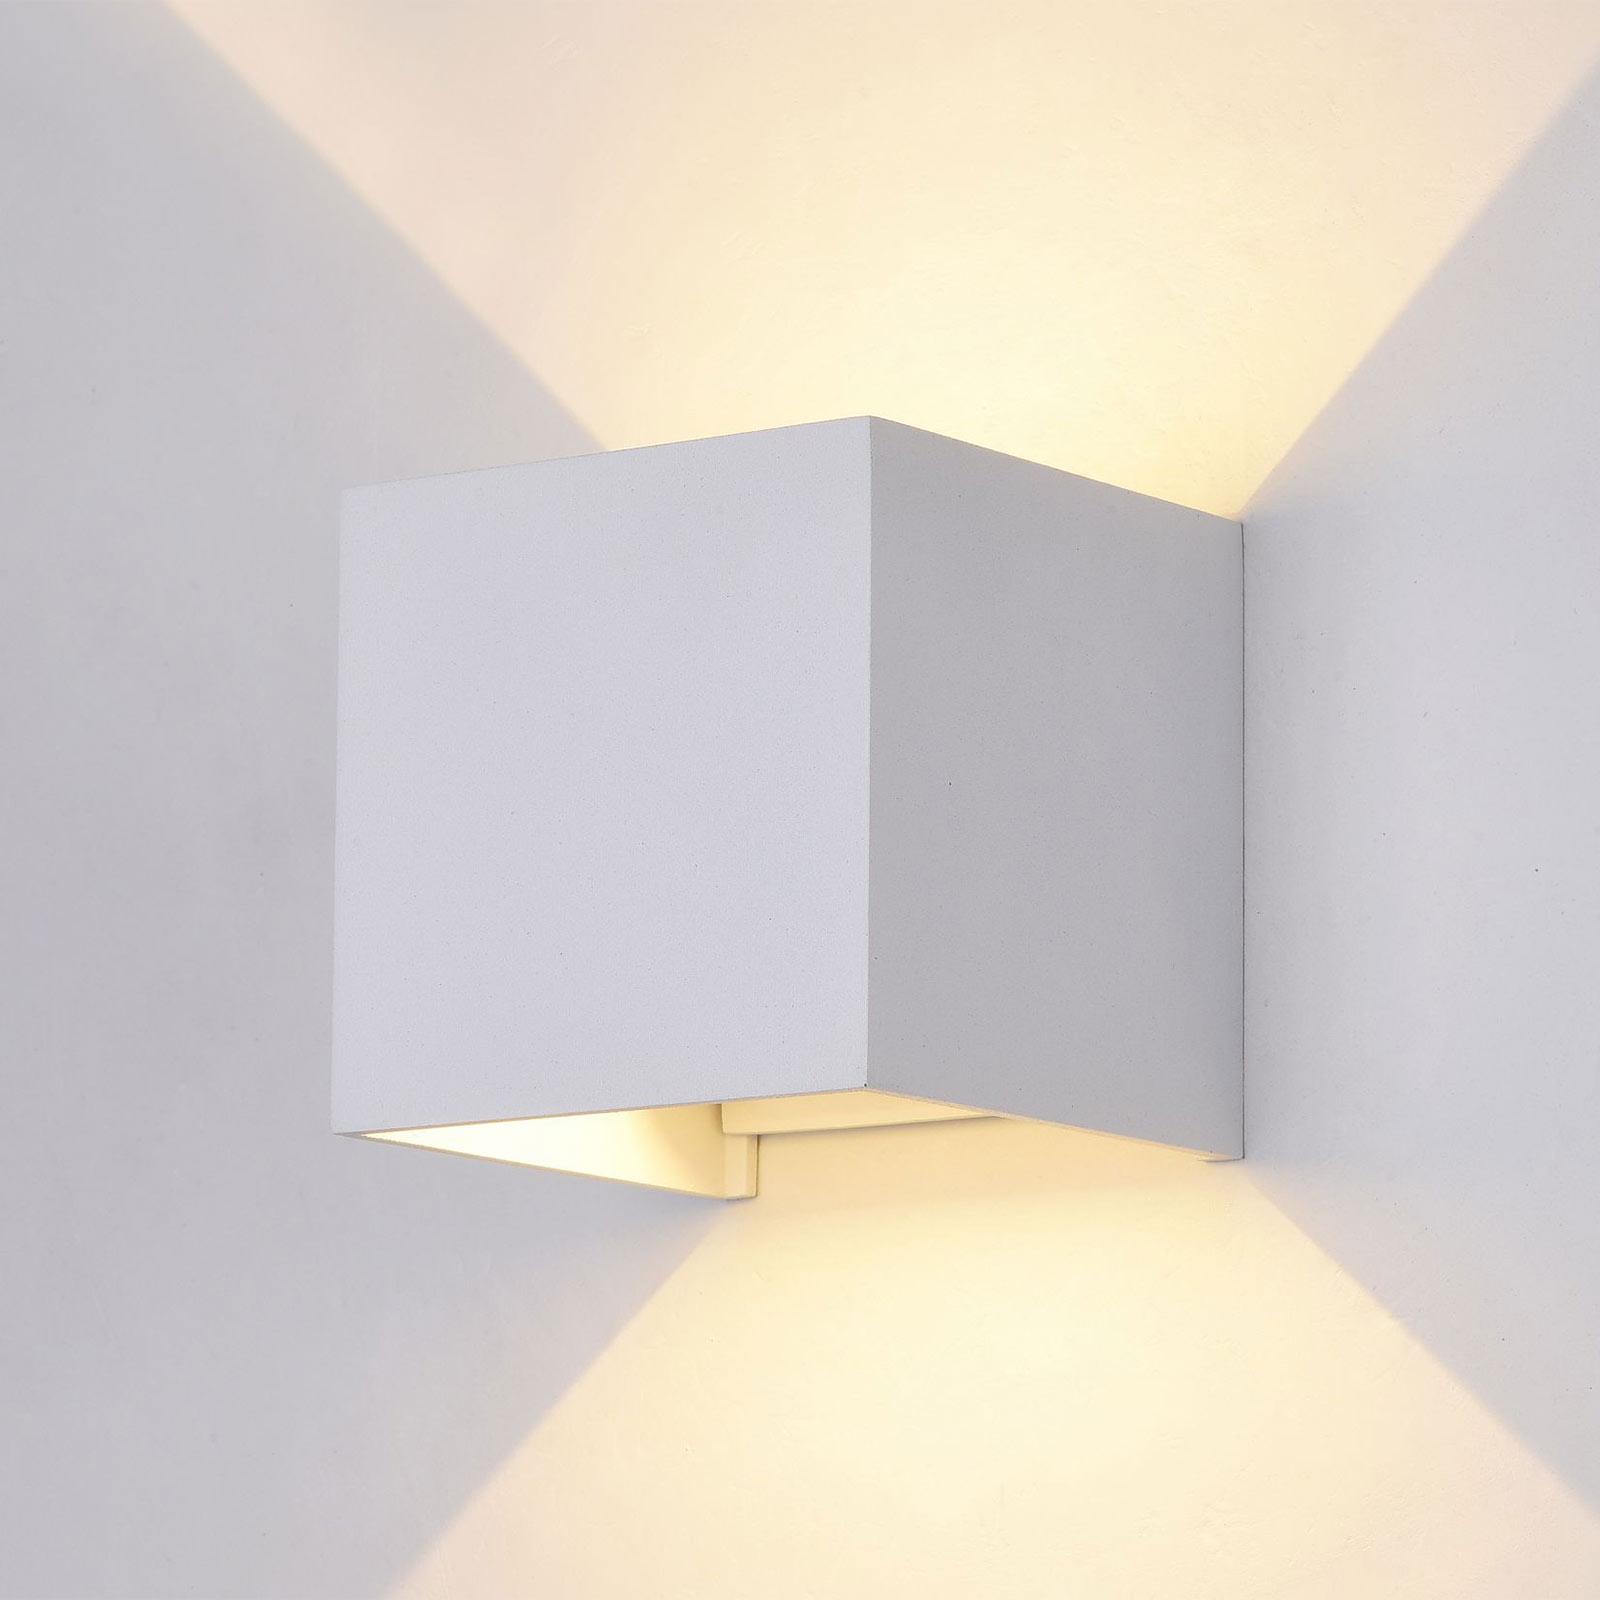 LED-Außenwandleuchte Fulton, 10x10cm, weiß